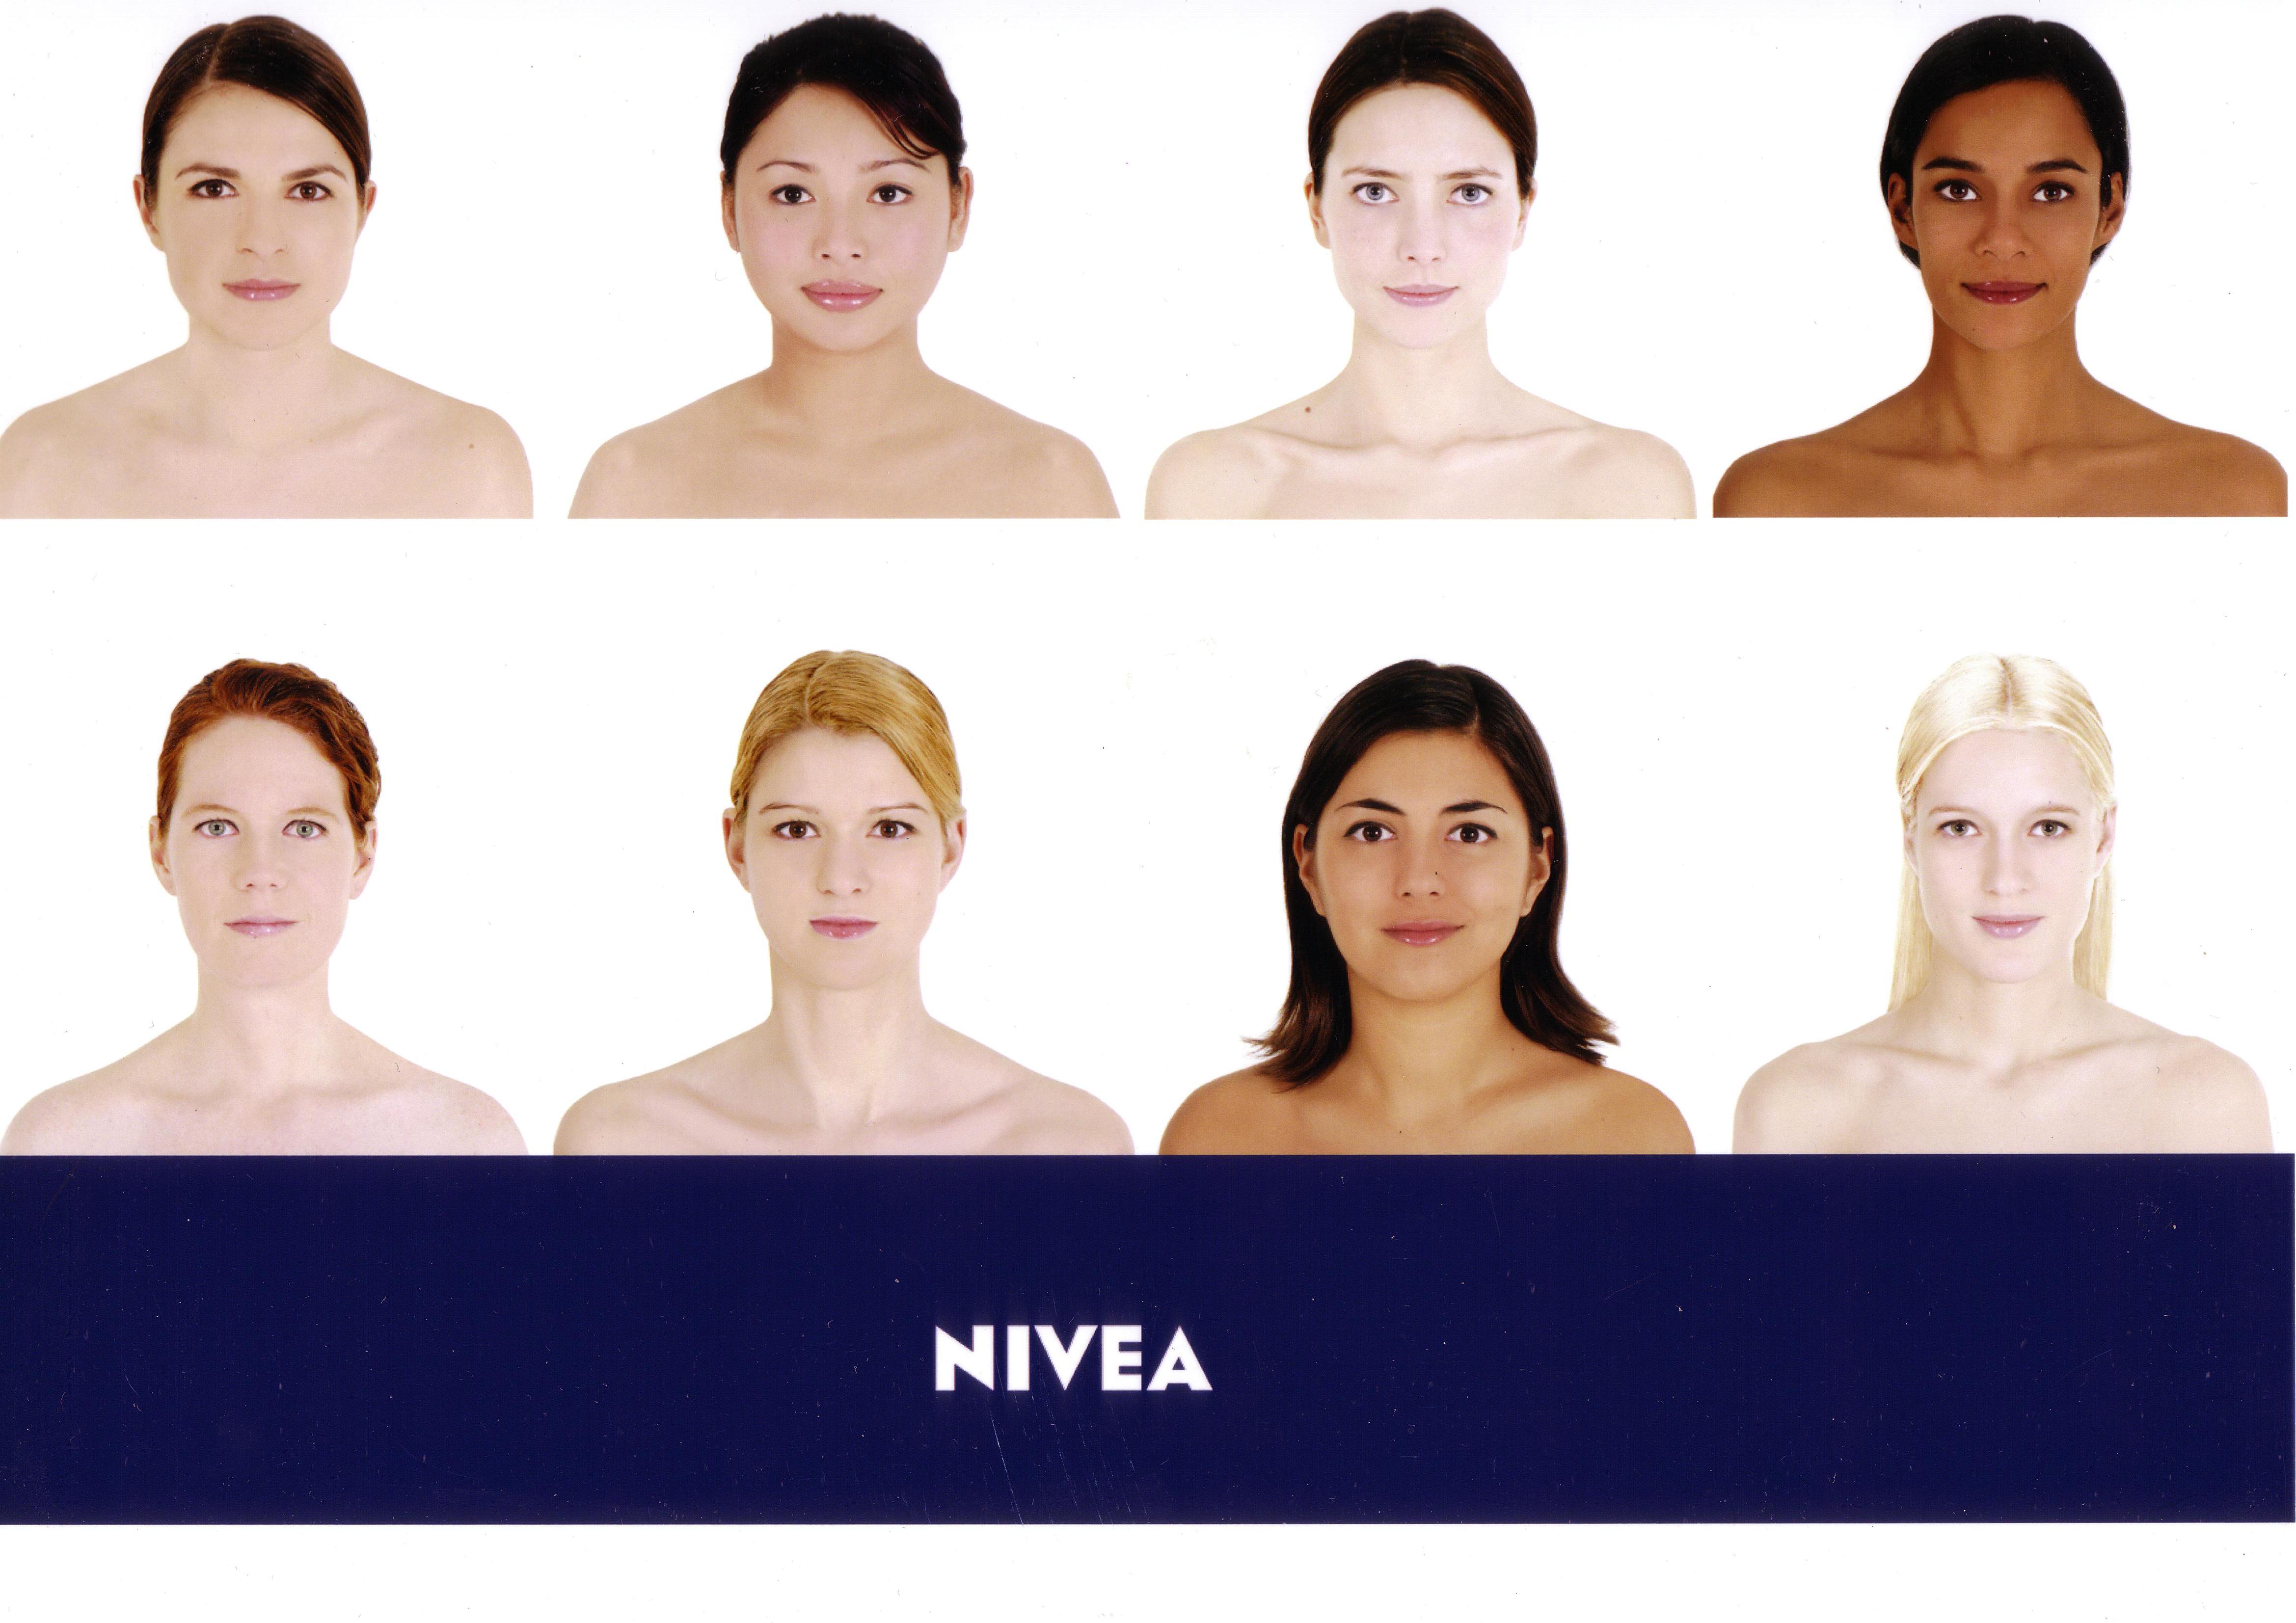 Nivea Project